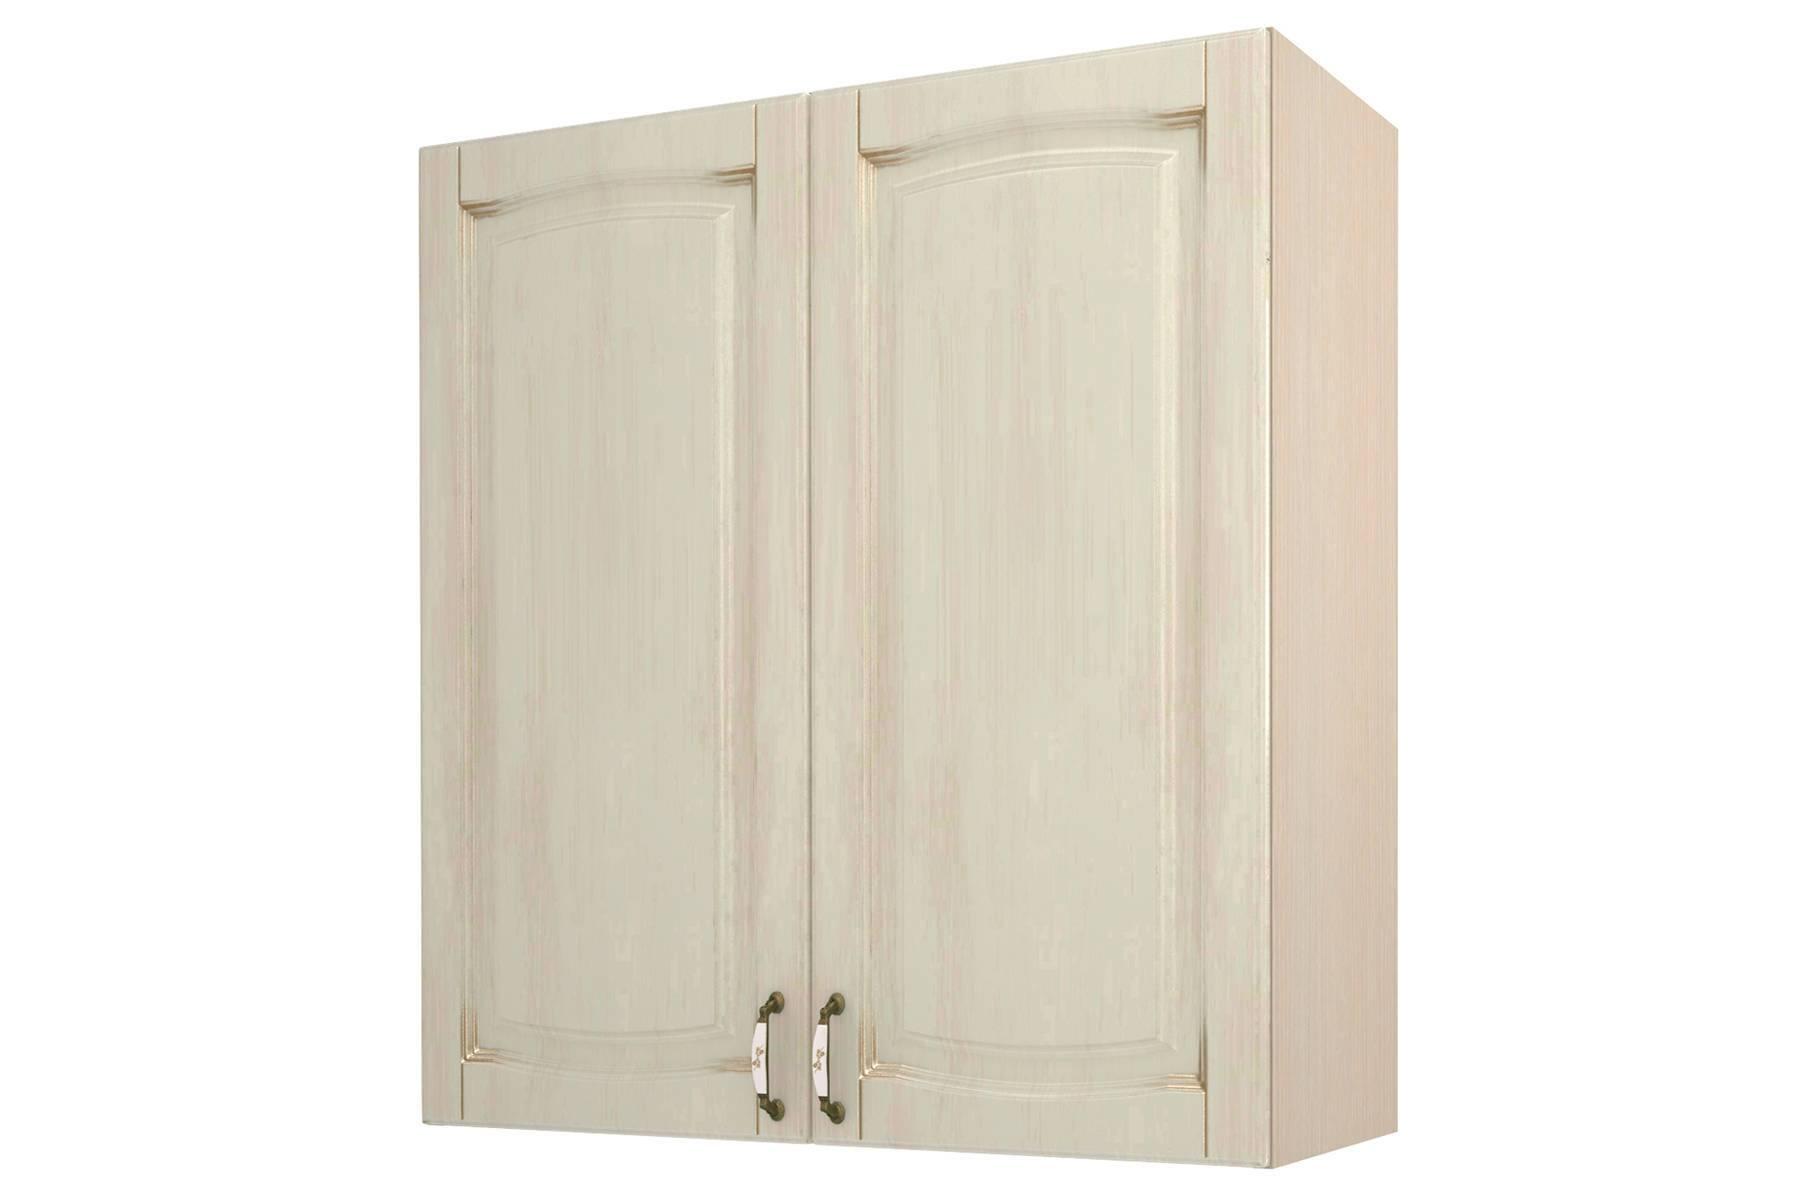 Равенна шкаф-сушка 90, Н-96 равенна шкаф сушка 80 н 96